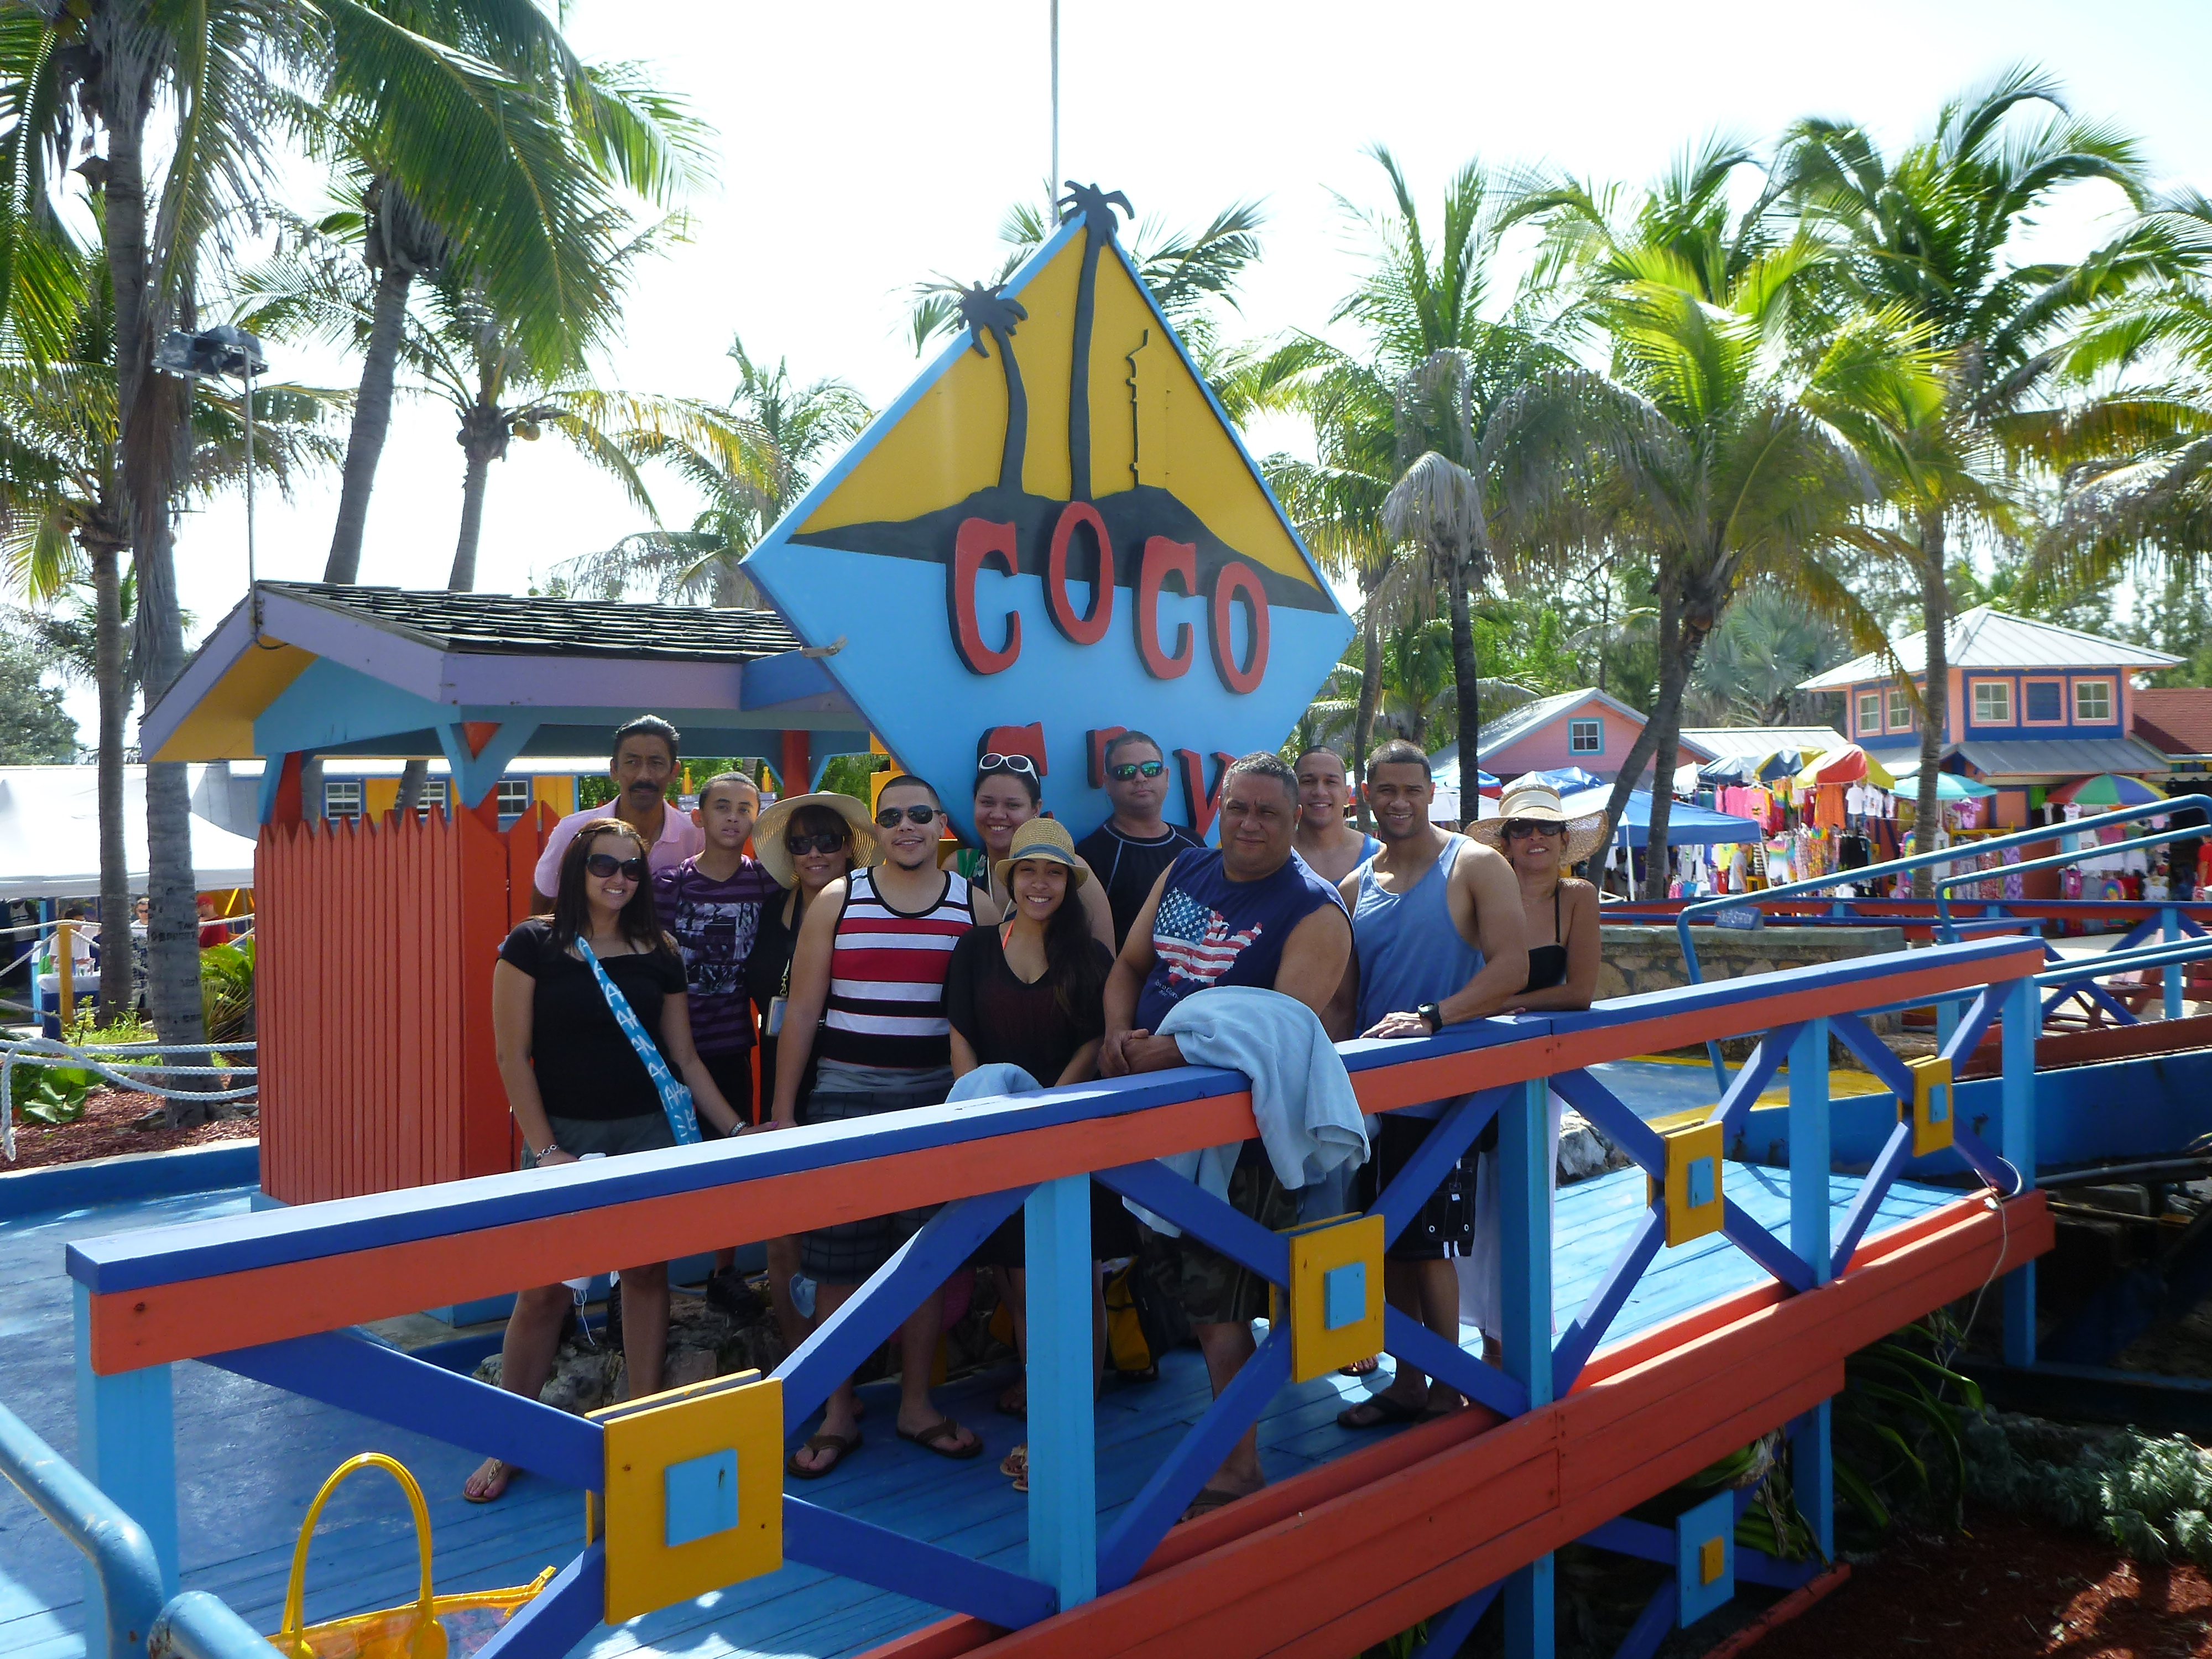 Coco Cay Bahamas ShoreBound Adventures - Coco cay weather